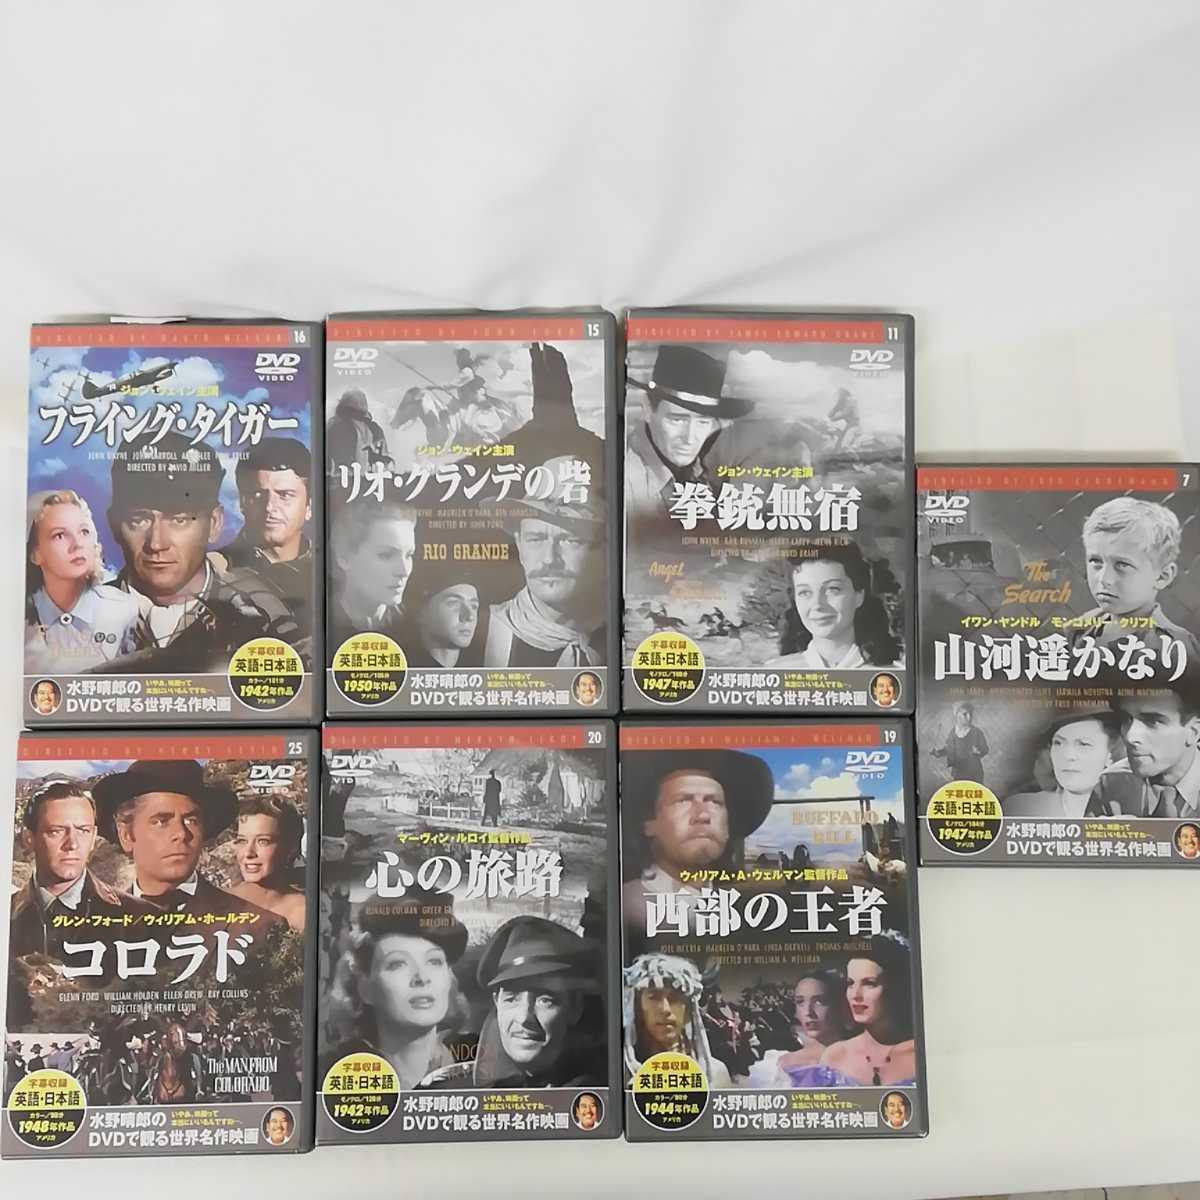 598 世界名作映画 水野晴郎のDVDで観る世界名作映画 など 洋画 15枚セット KEEP_画像2